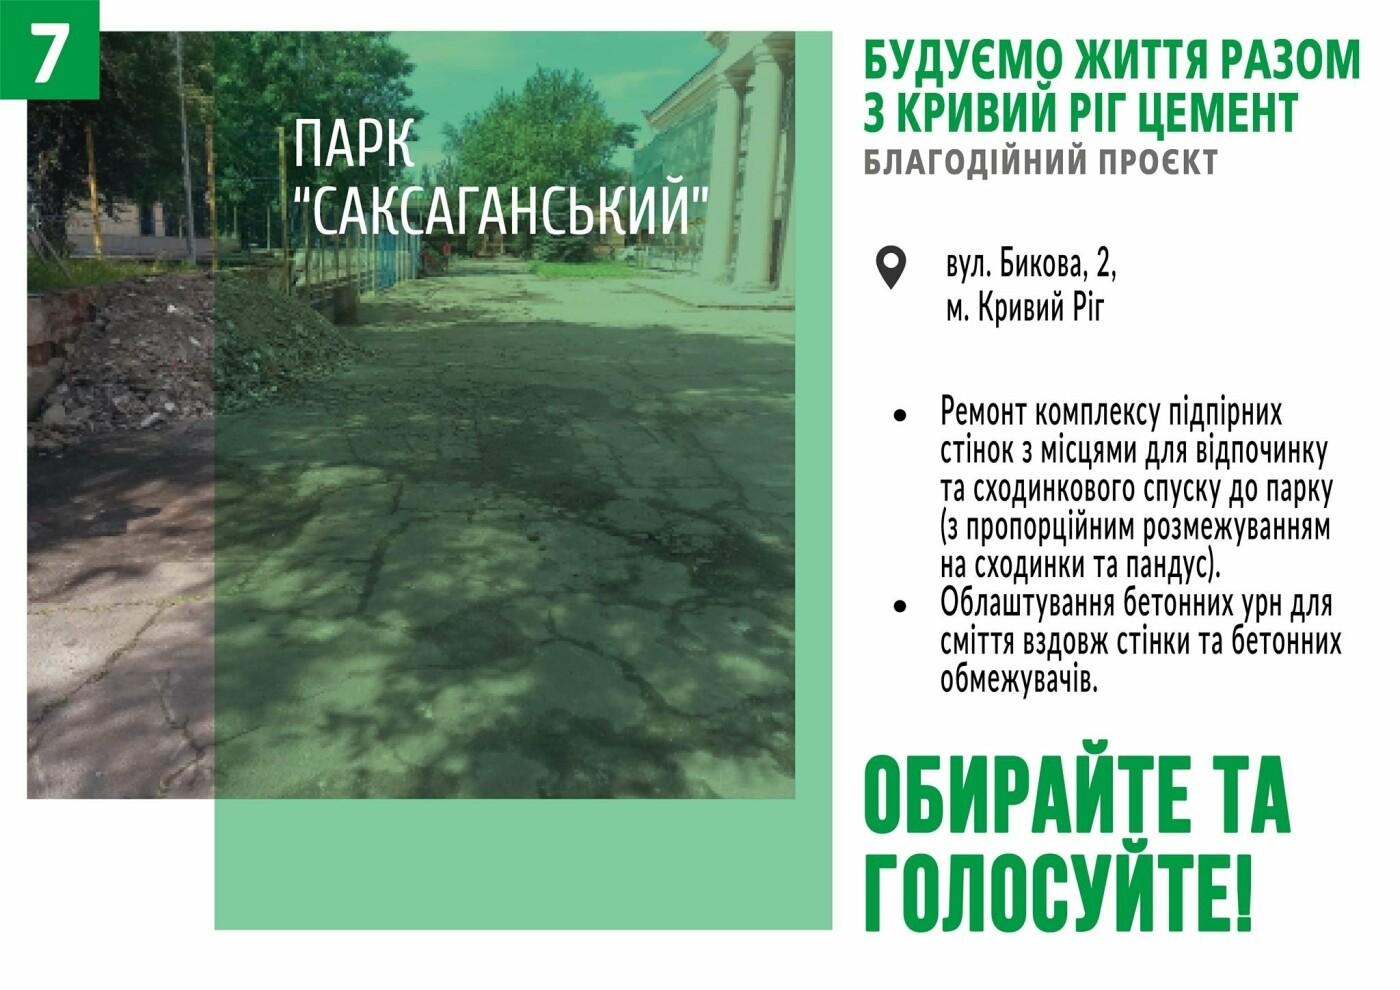 Начато голосование за объекты в рамках благотворительного проекта от компании «Кривой Рог Цемент», фото-7